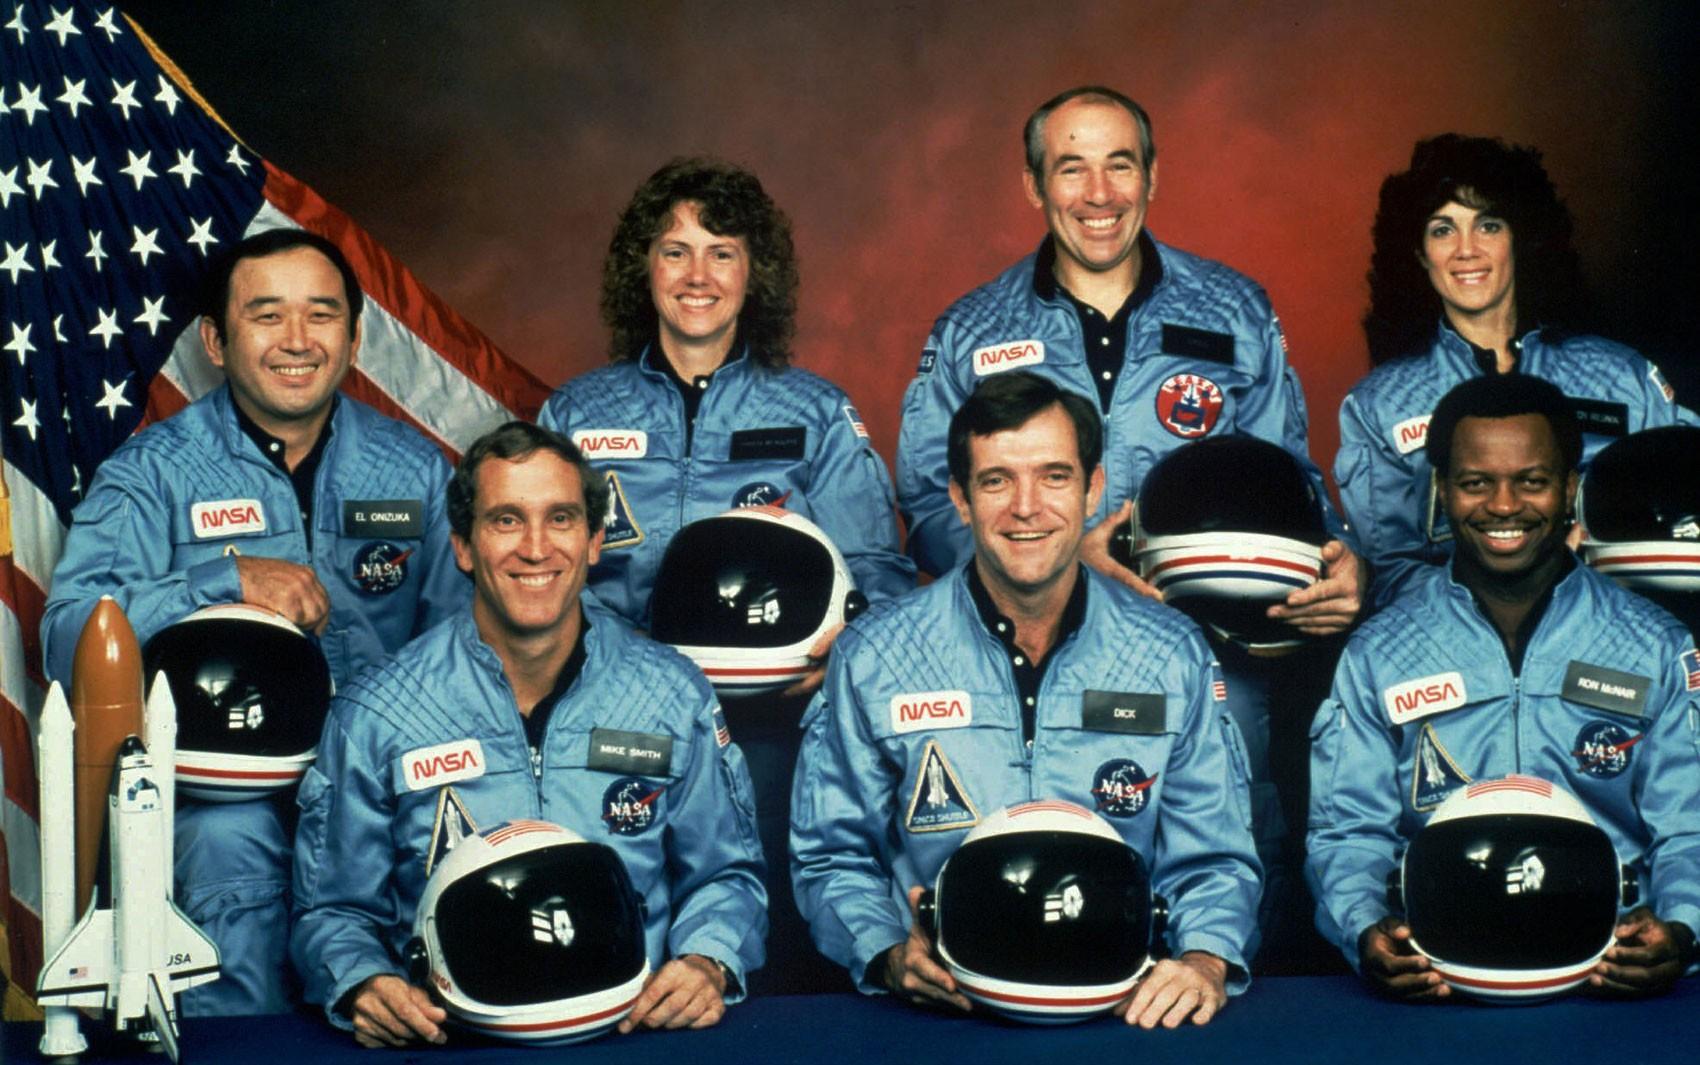 A tripulação que morreu na explosão da Challenger, em 28 de janeiro de 1986. A partir da esquerda, abaixo, Michael J. Smith, Francis R. (Dick) Scobee e Ronald E. McNair. Acima, Ellison Onizuka, Christa McAuliffe, Gregory Jarvis e Judith Resnik (Foto: NASA via AP)